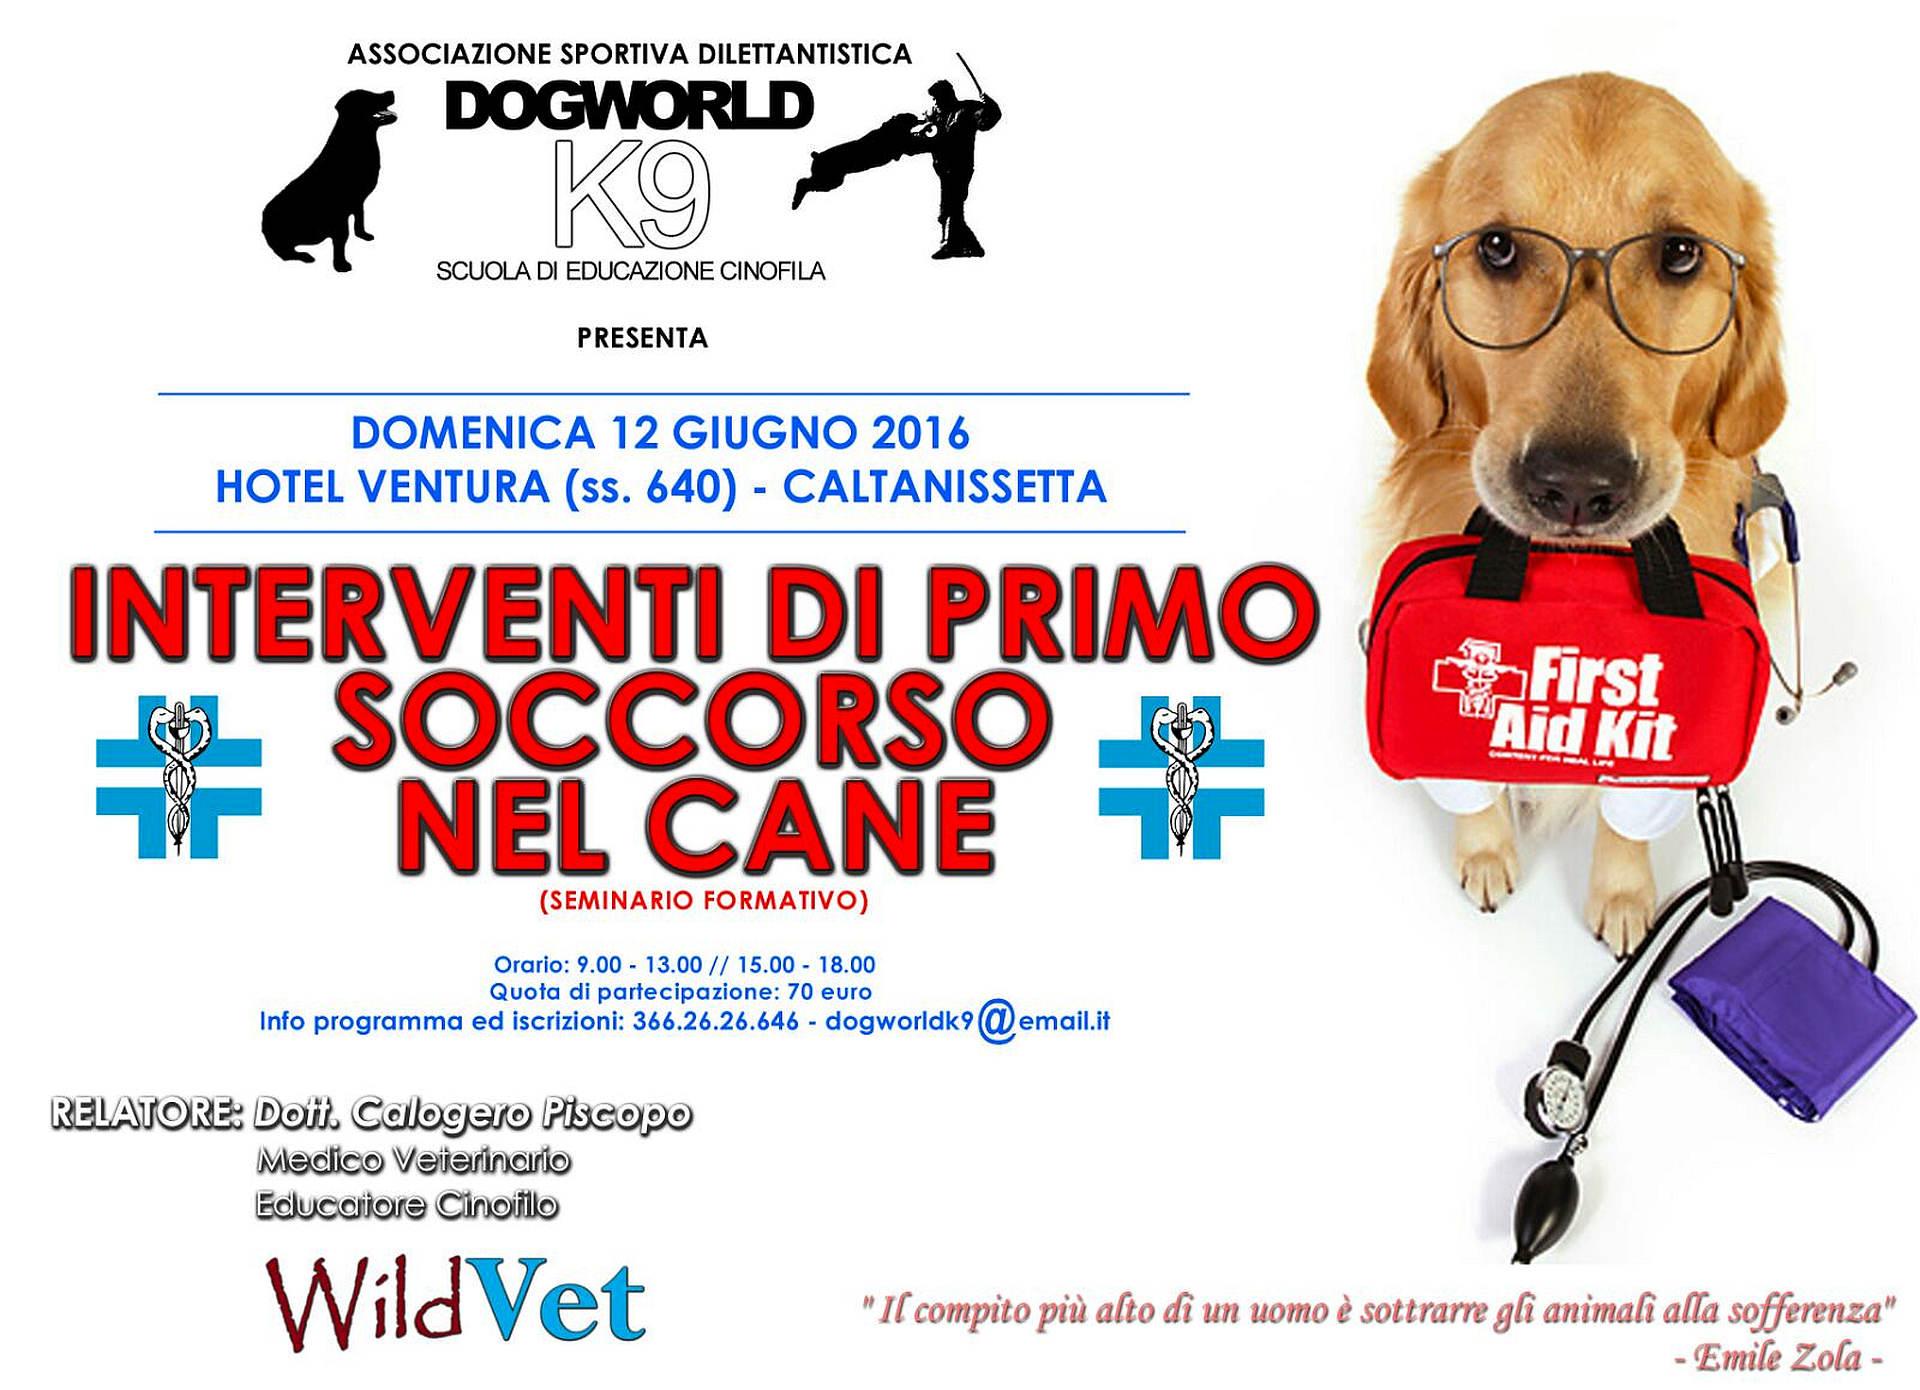 """Il seminario """"Interventi di primo soccorso nel cane"""" si terrà domenica prossima a Caltanissetta"""